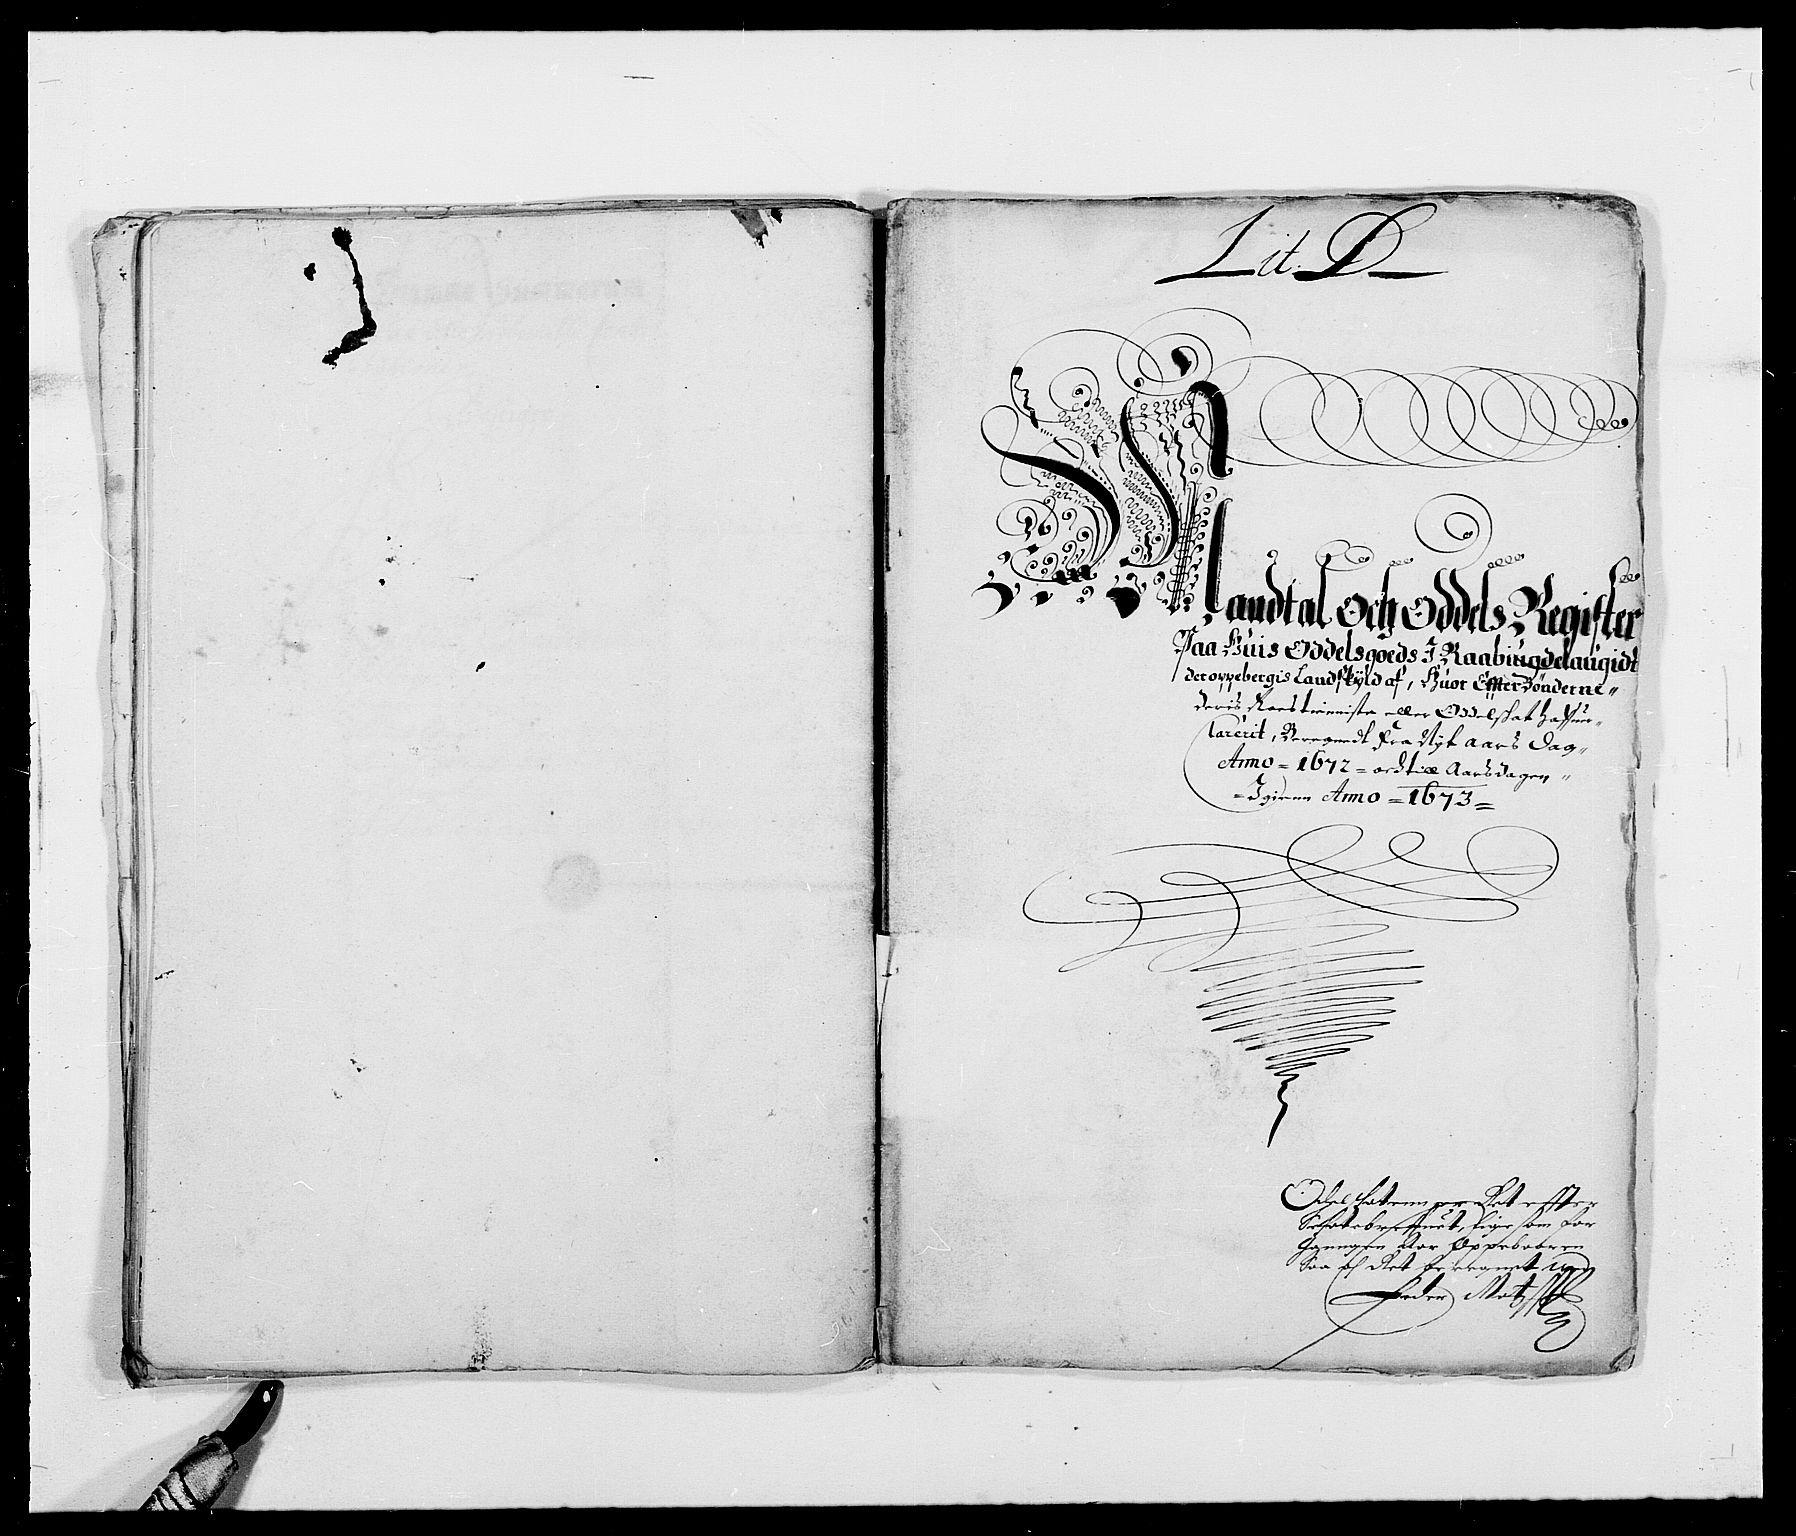 RA, Rentekammeret inntil 1814, Reviderte regnskaper, Fogderegnskap, R40/L2433: Fogderegnskap Råbyggelag, 1671-1674, s. 117